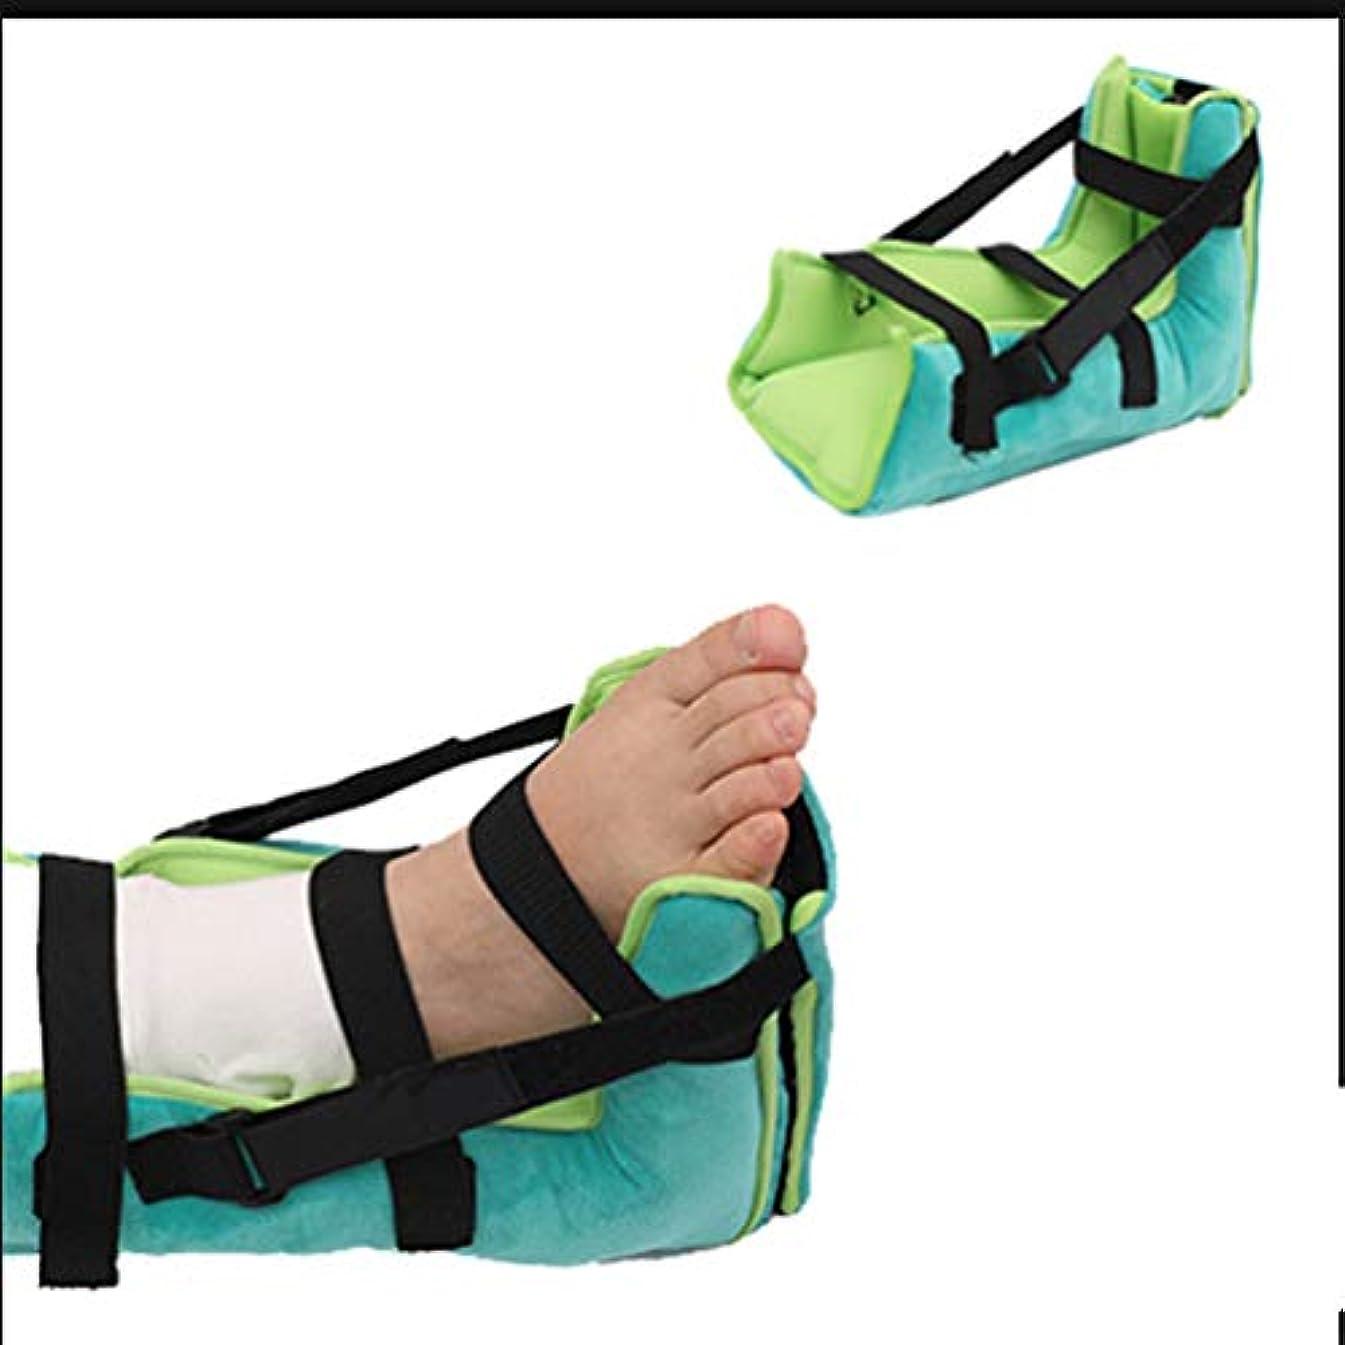 自分意気消沈したベル柔らかい快適なかかと保護足枕反Anti瘡かかとプロテクターオープン足ドループ装具減圧ストローク反足保護スリーブ